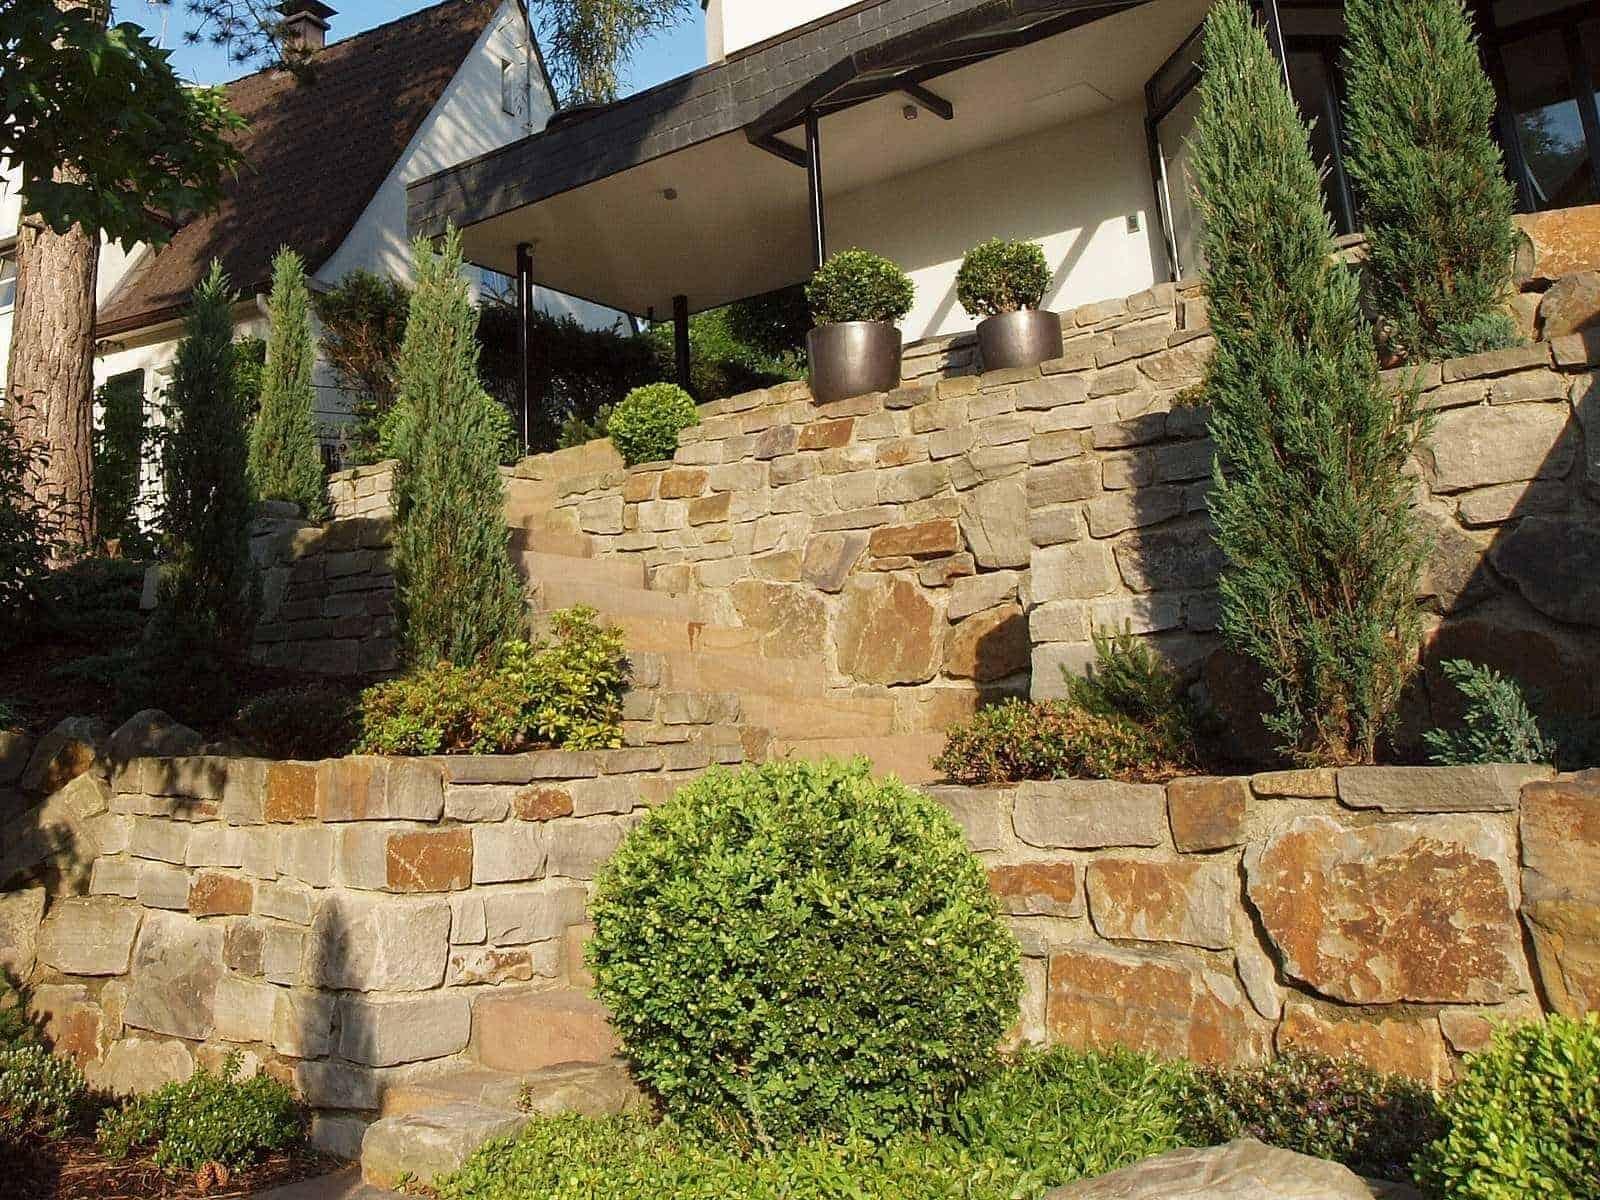 Terrassengestaltung mit Ruhrsandstein - Anwendungsbeispiel als Stützmauer